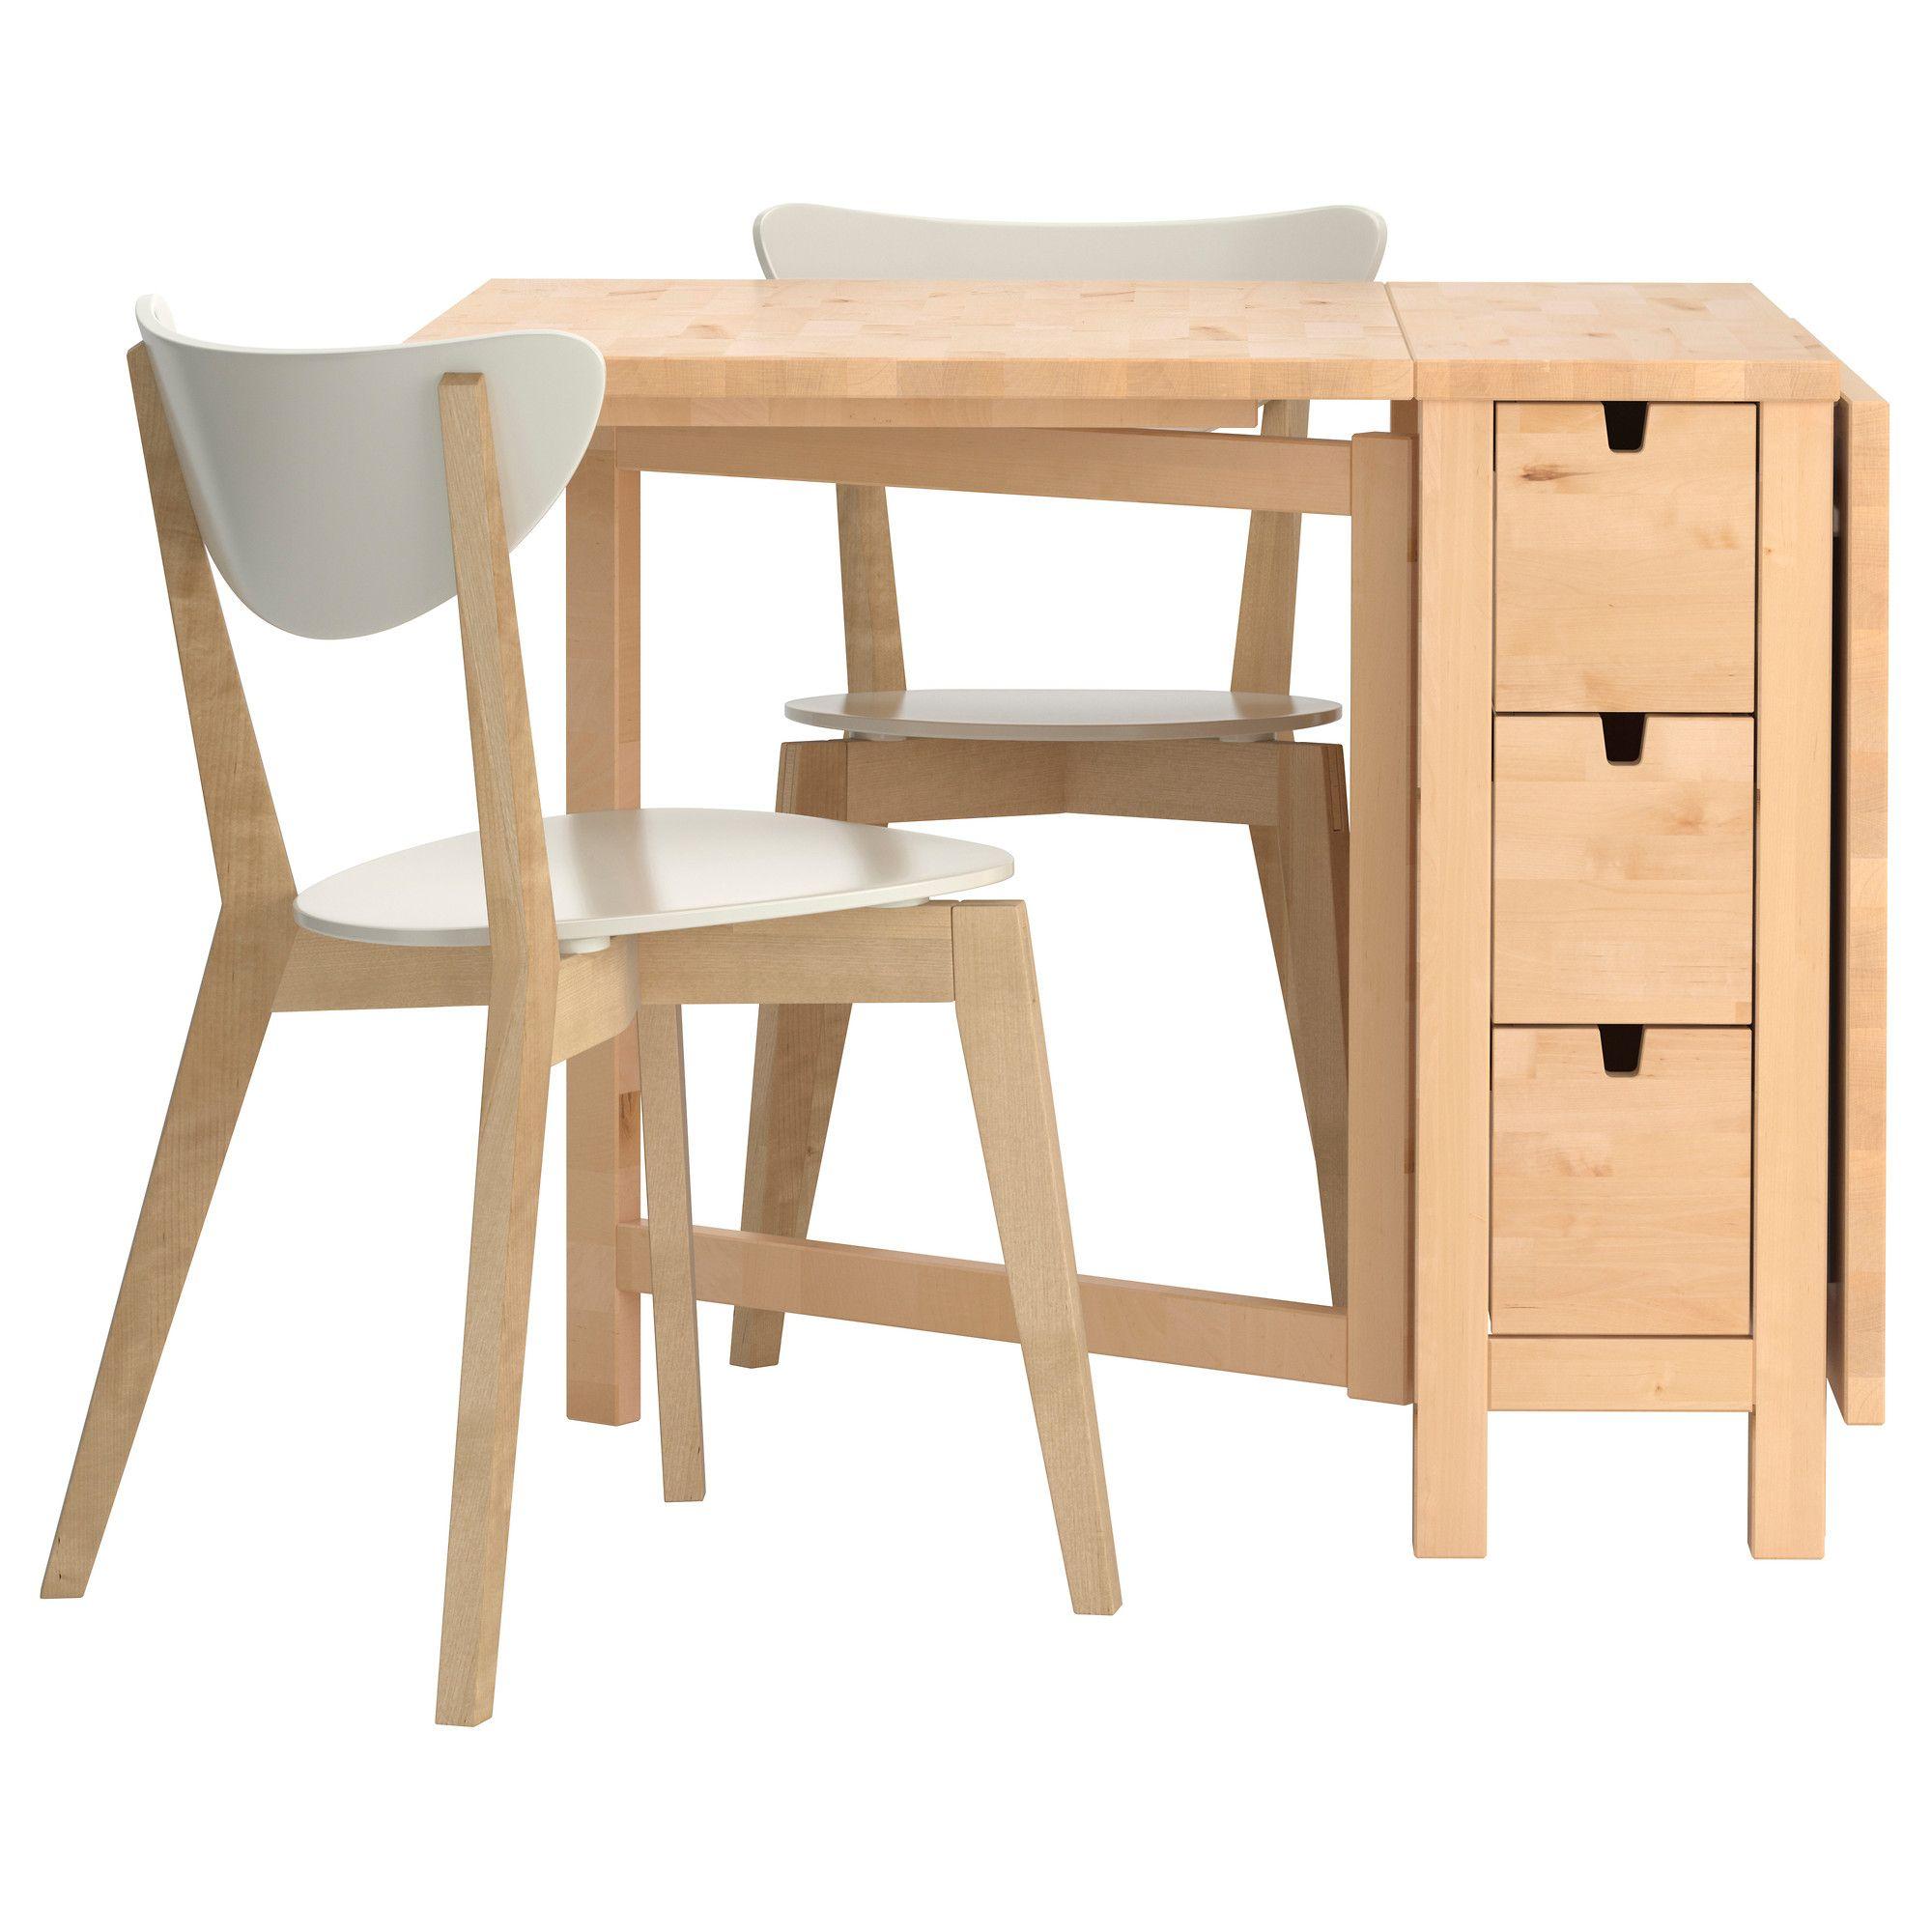 Norden/nordmyra Table Et 2 Chaises - Ikea | Table Salle À intérieur Table Salle A Manger Pliante Ikea